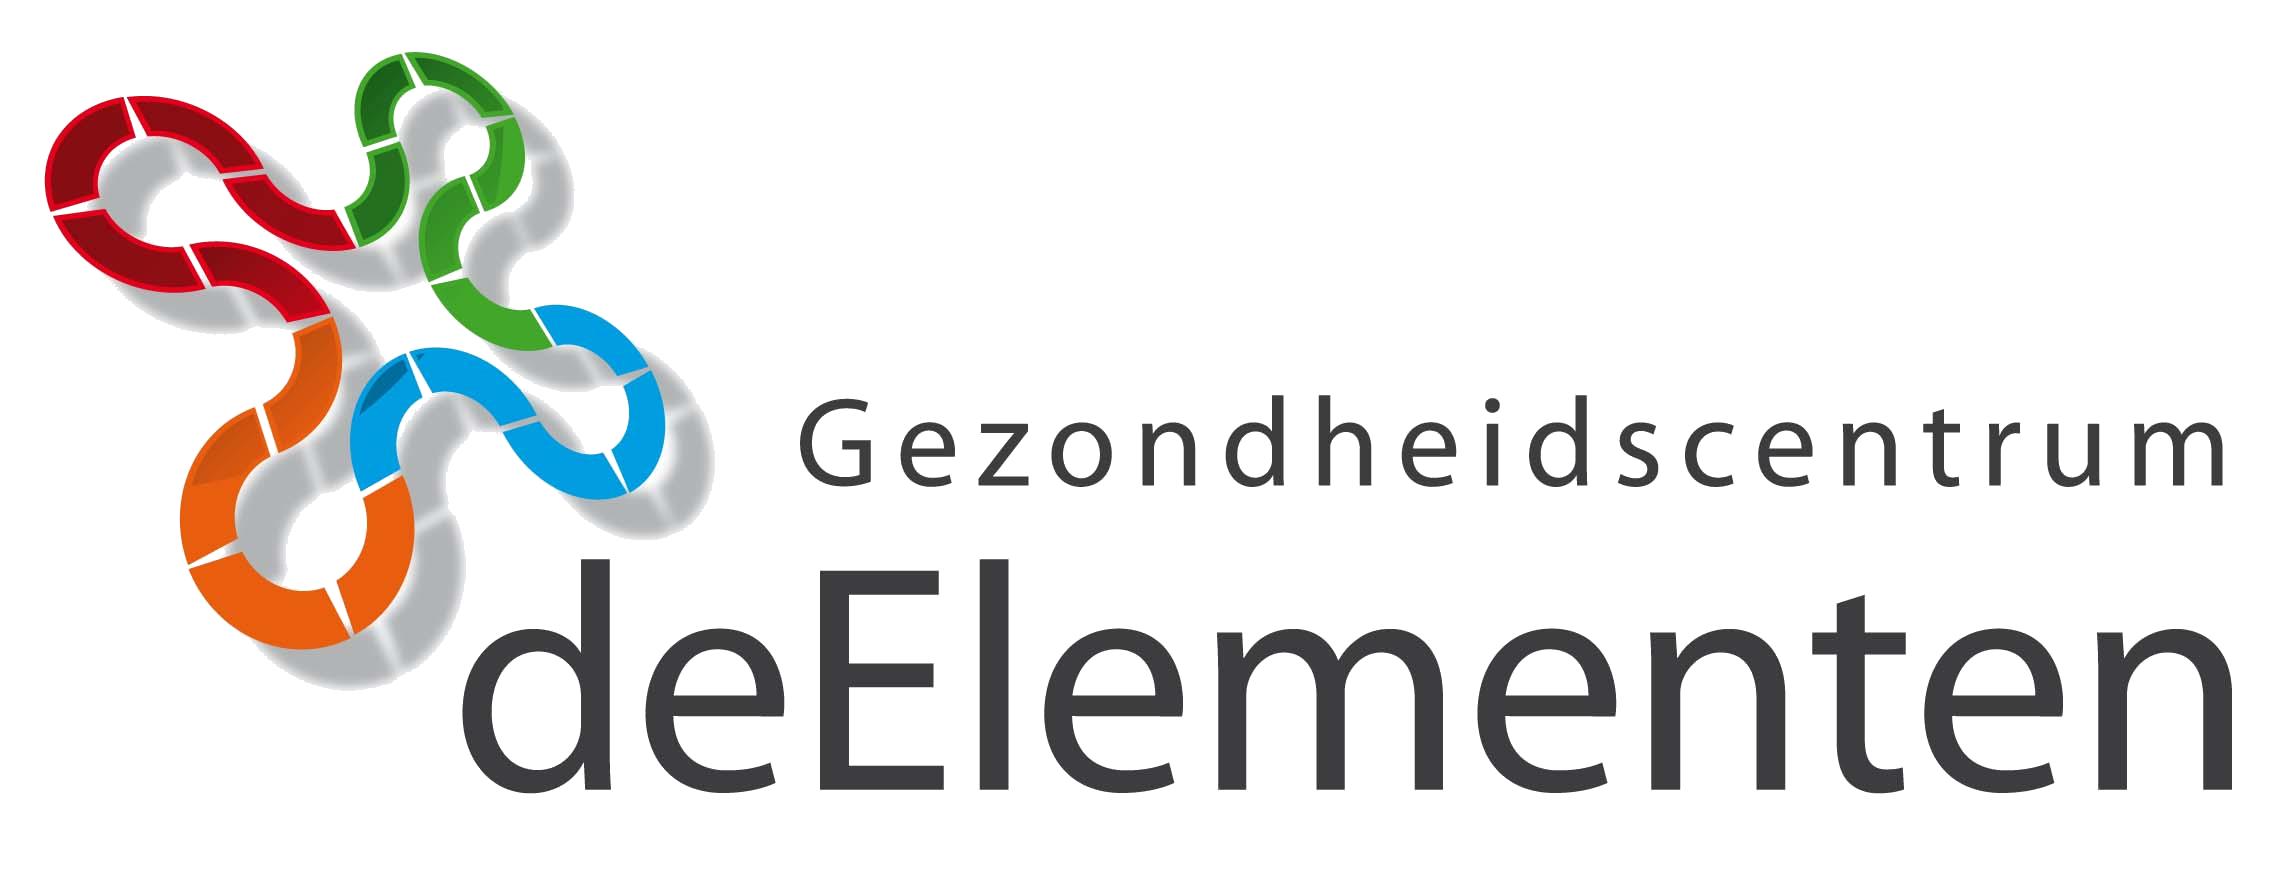 Gezondheidscentrum de Elementen Logo